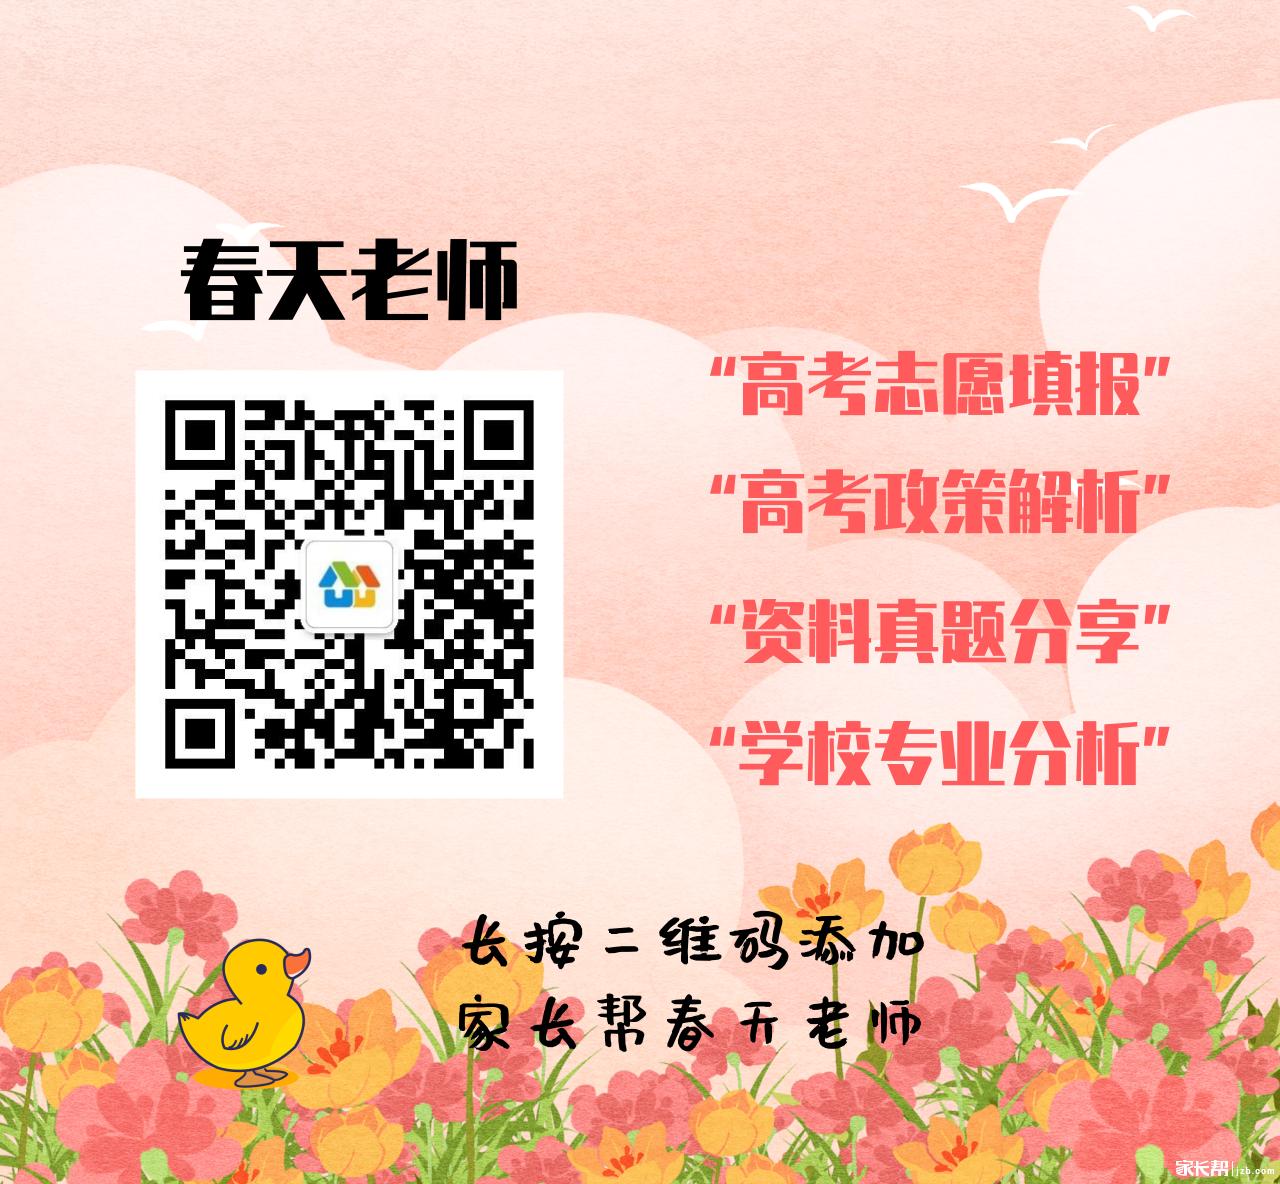 春天老师名片 (2).png